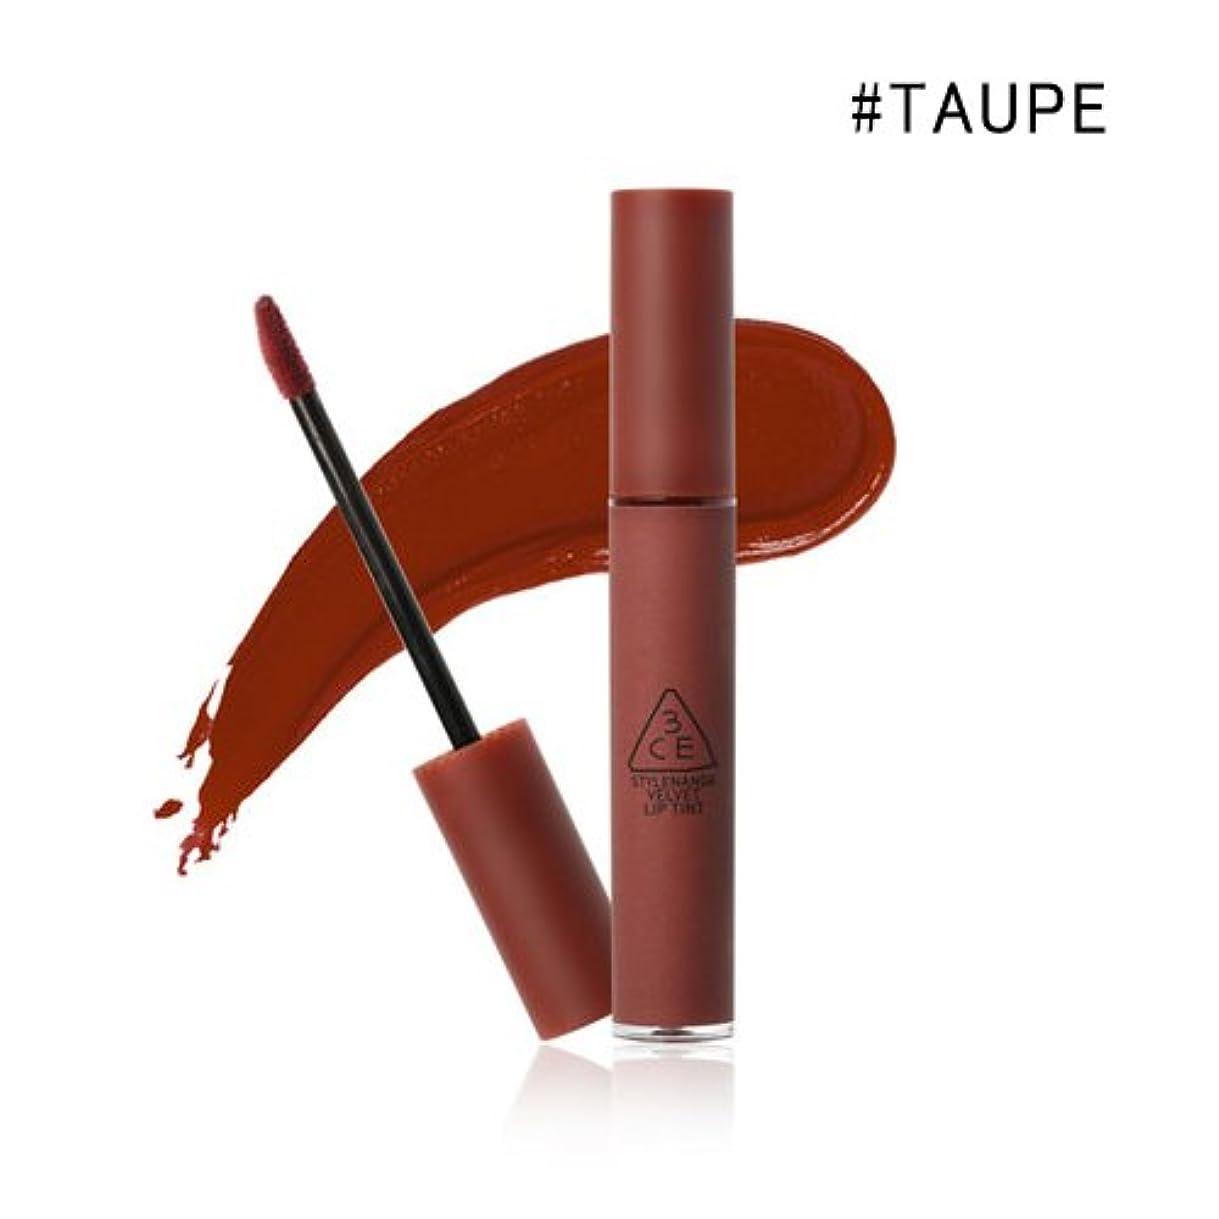 適用済み脱臼する鮮やかな3CE VELVET LIP TINT / ベルベット リップティント (4.0g) (#TAUPE)